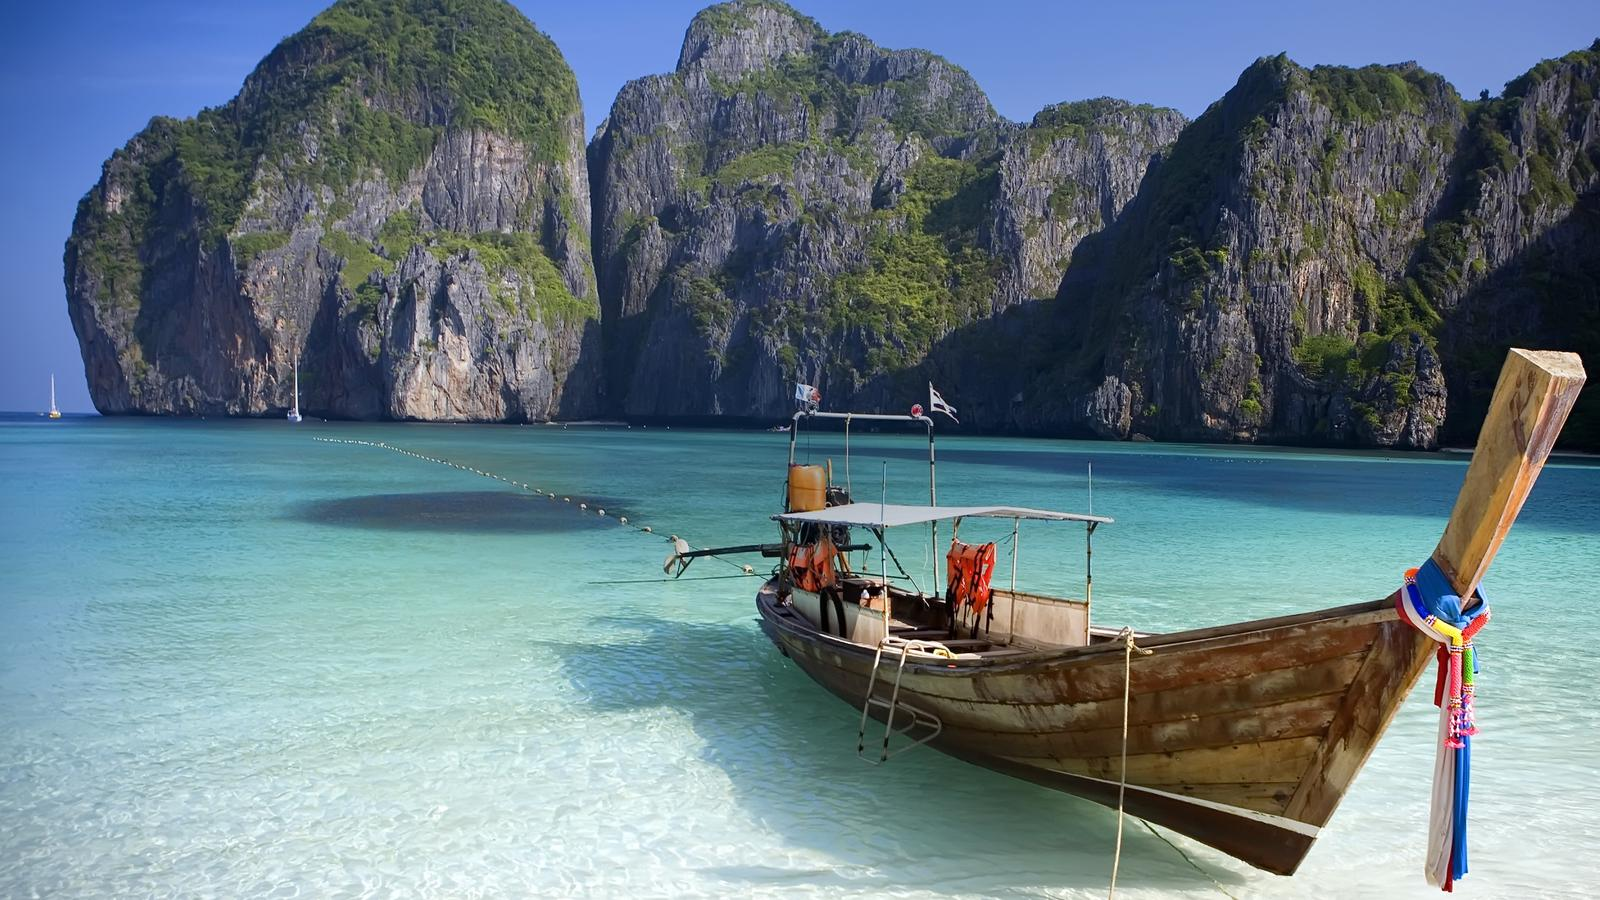 Hasil gambar untuk Koh Phi Phi